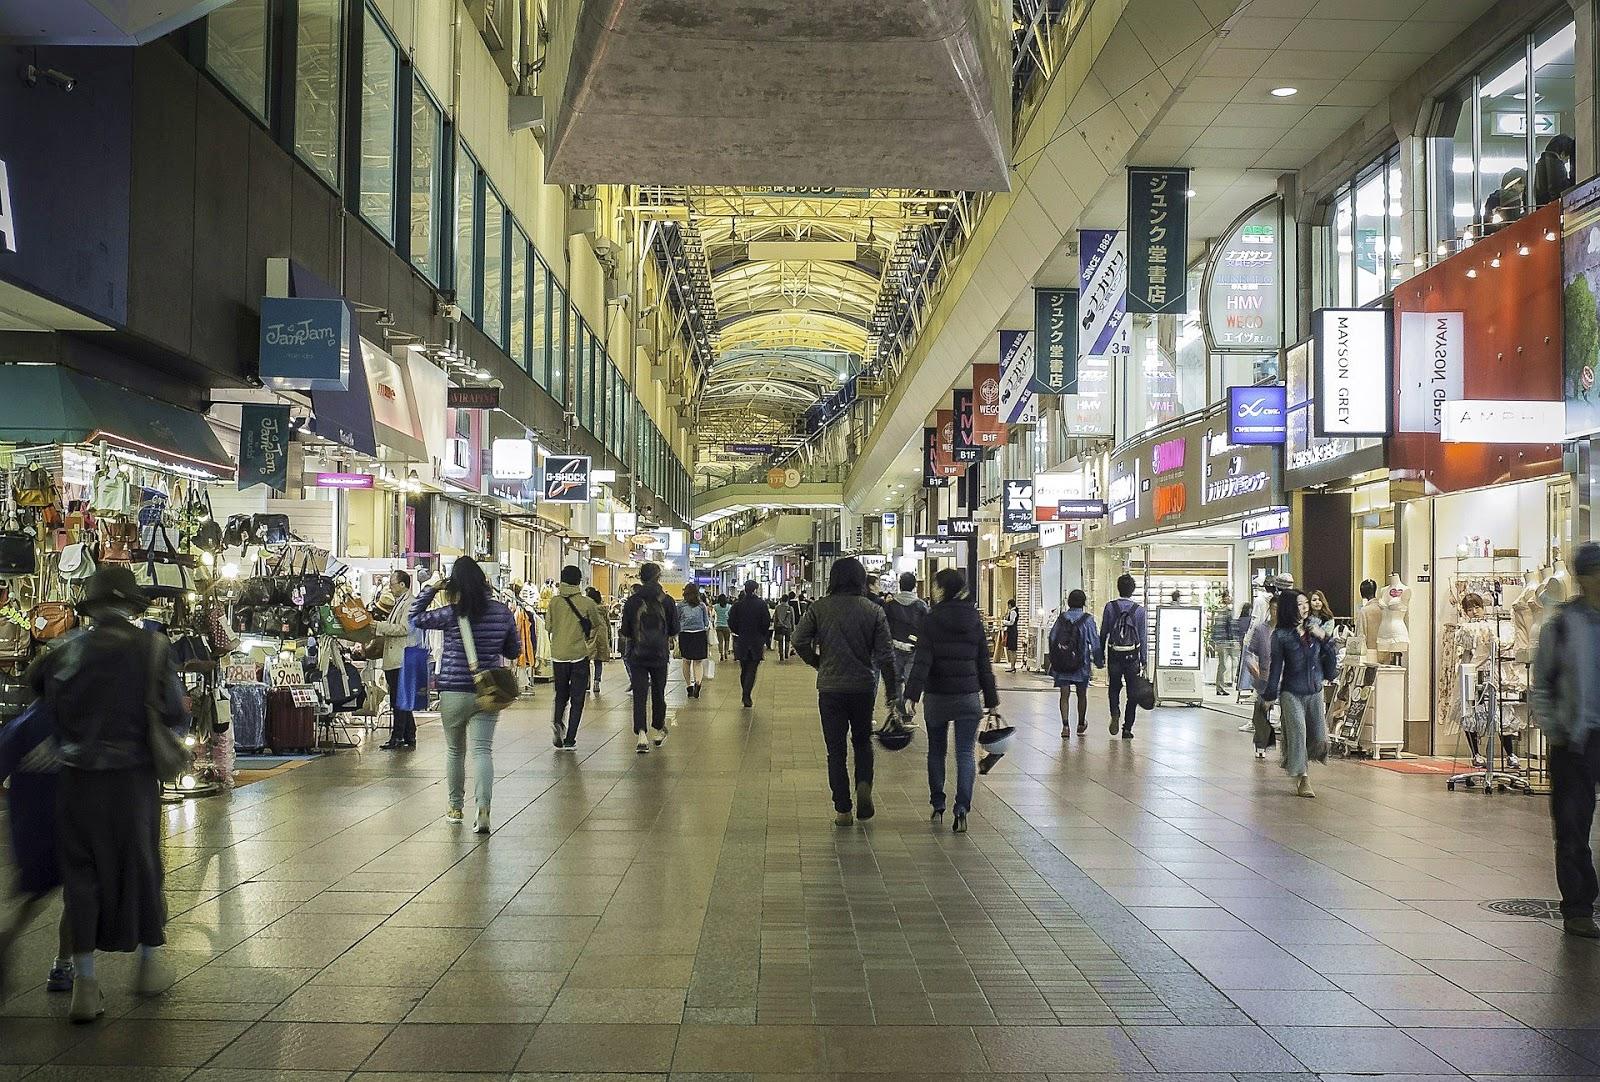 神戶-景點-推薦-三宮中心街-必買-自由行-旅遊-觀光-必遊-必去-必玩-日本-kobe-tourist-attraction-travel